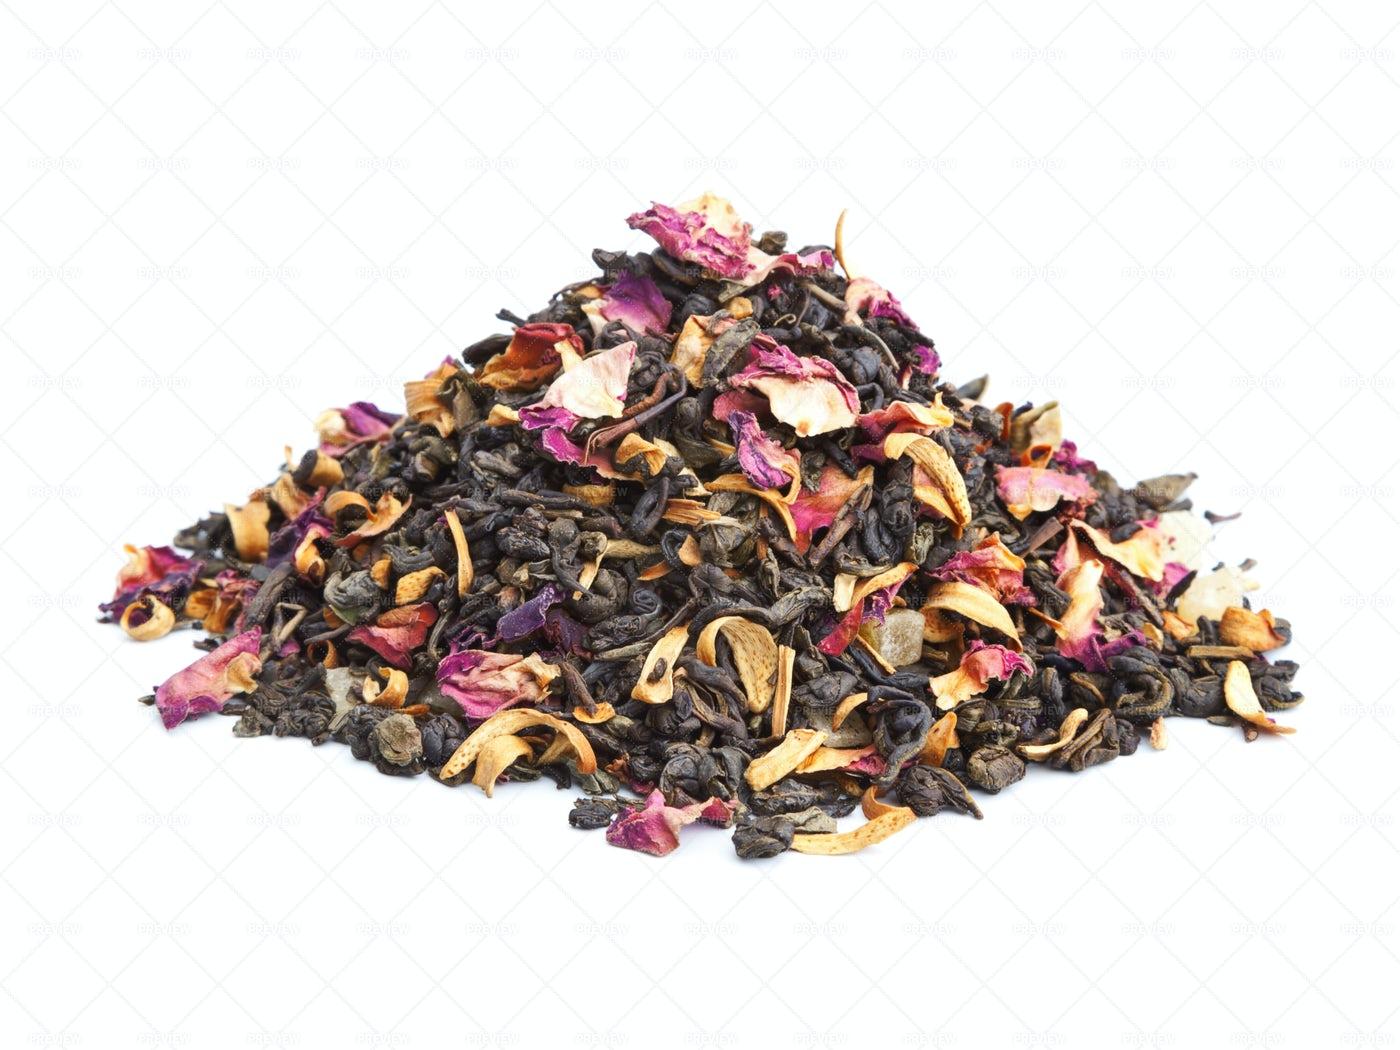 Flavored Green Tea: Stock Photos